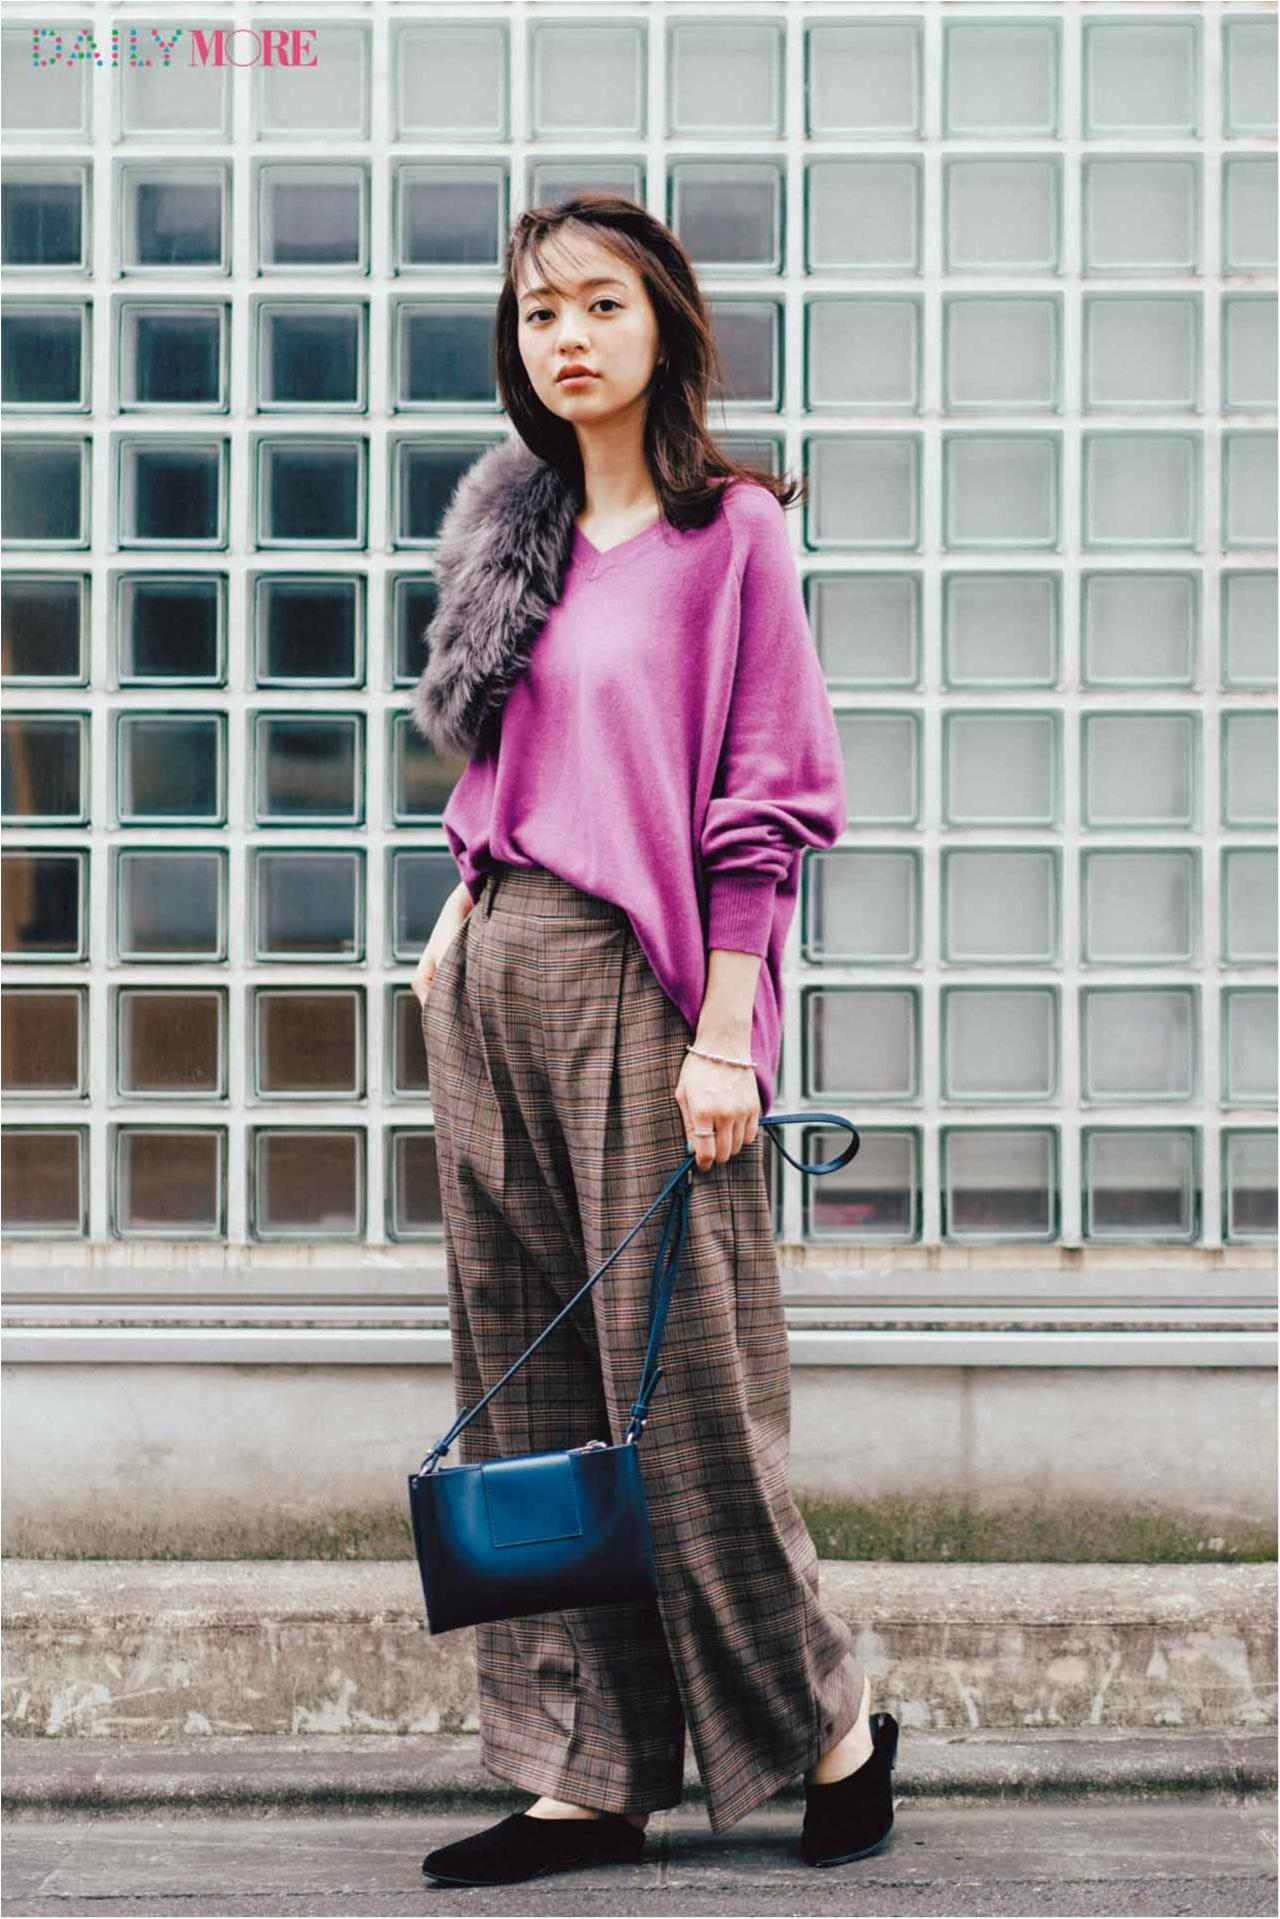 【今日のコーデ/逢沢りな】きれい色のVネックニットの出番。マニッシュなワイドパンツだって女っぽ仕上げ♡_1